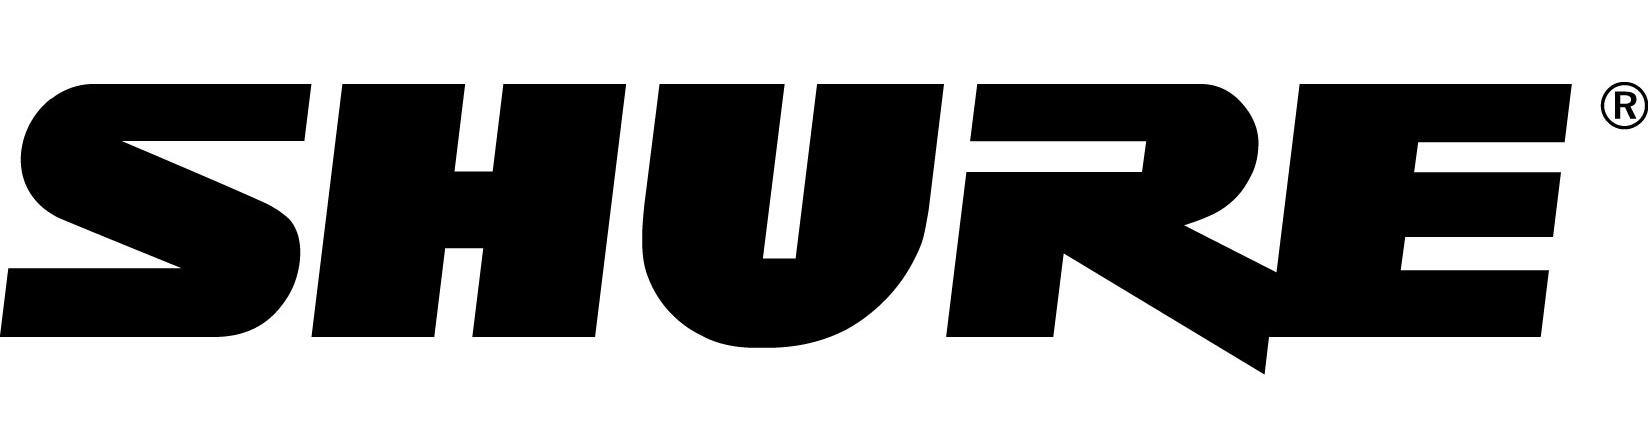 Shure-logo_black.jpg